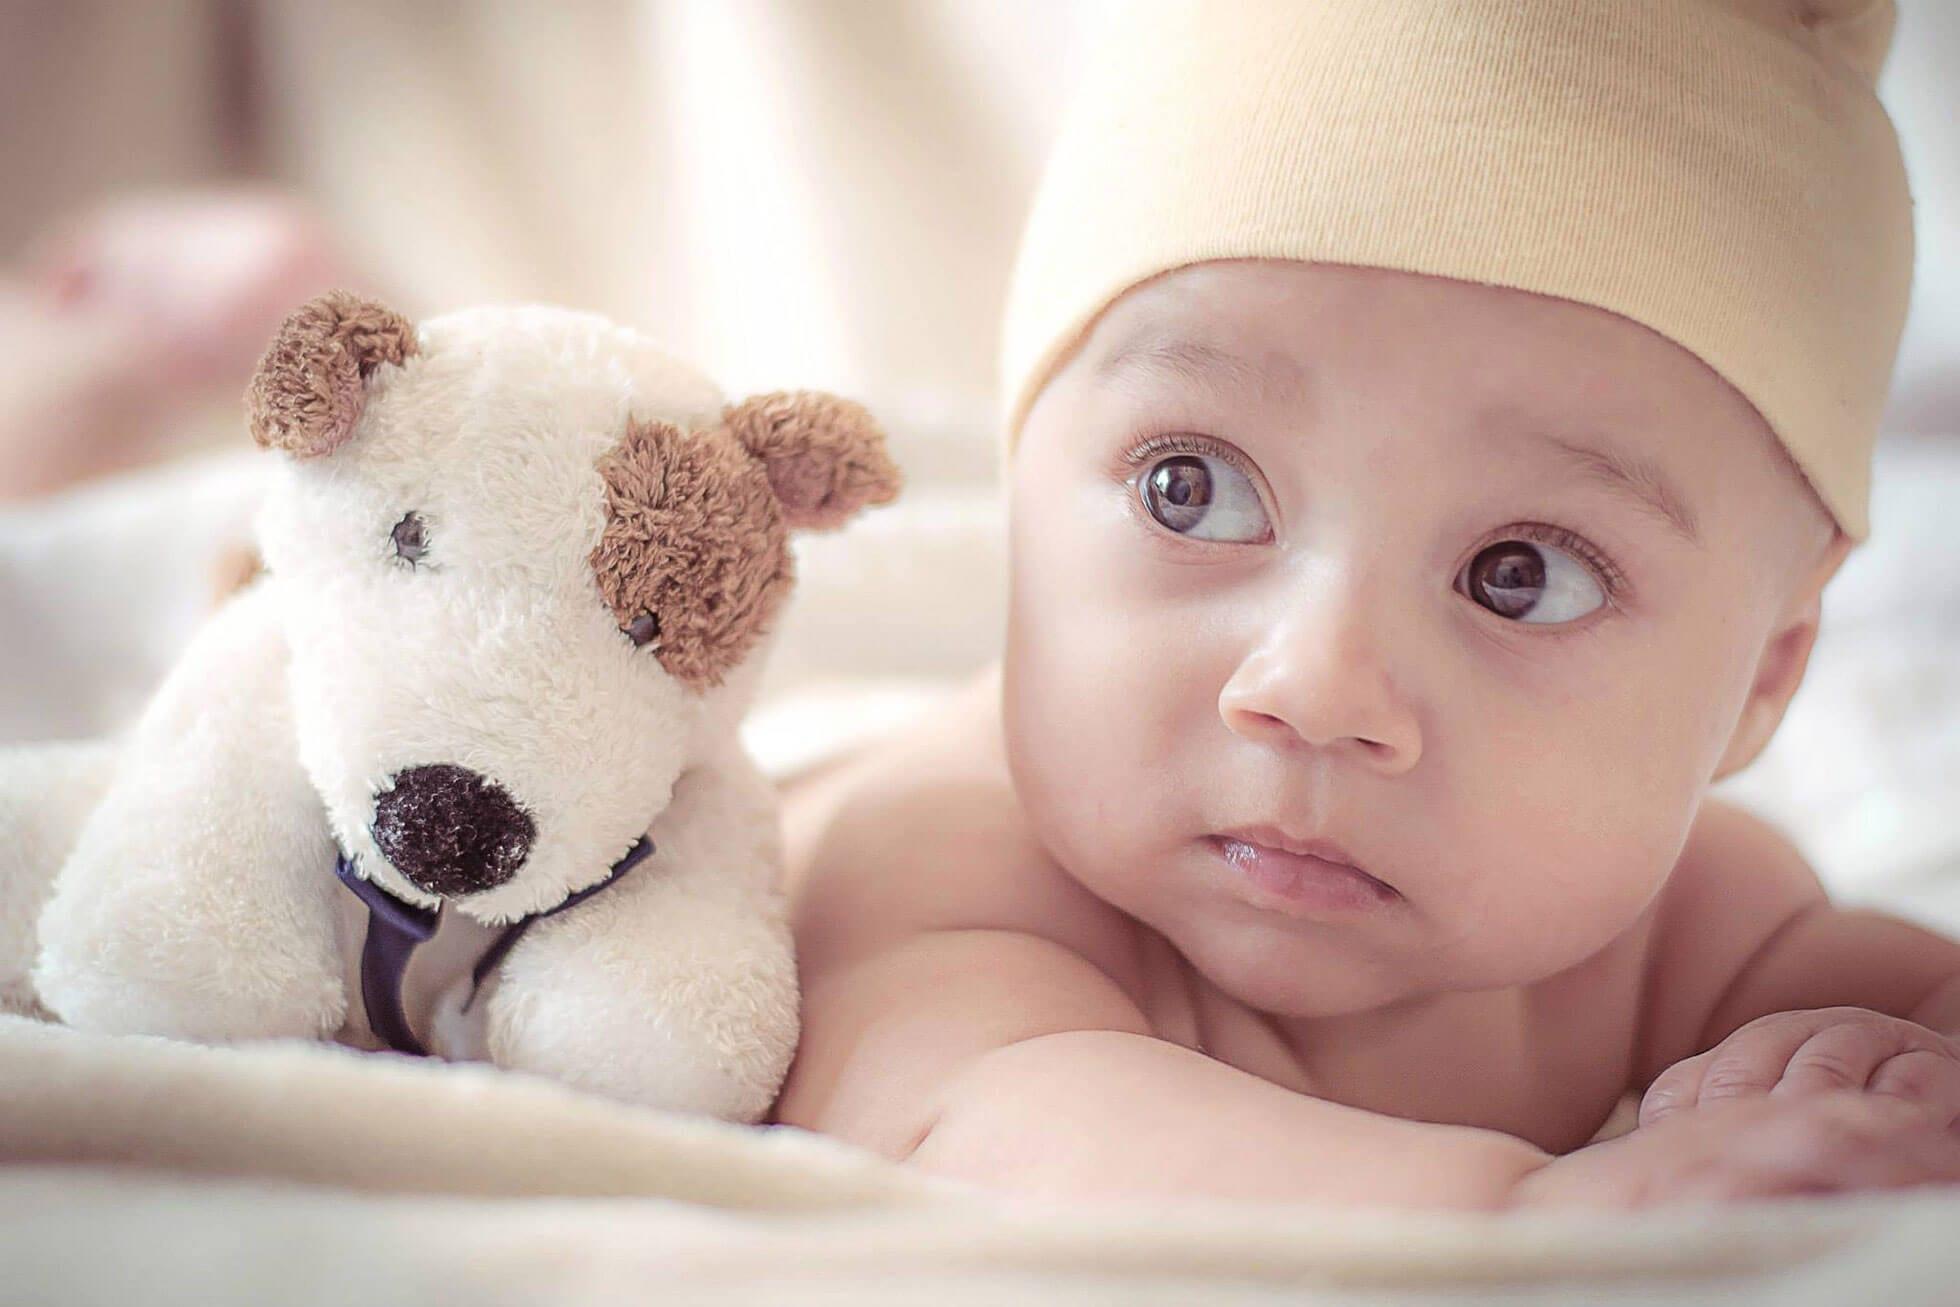 Kleine baby met knuffel | Wanneer geboortekaartjes versturen? Etiquette vraag.